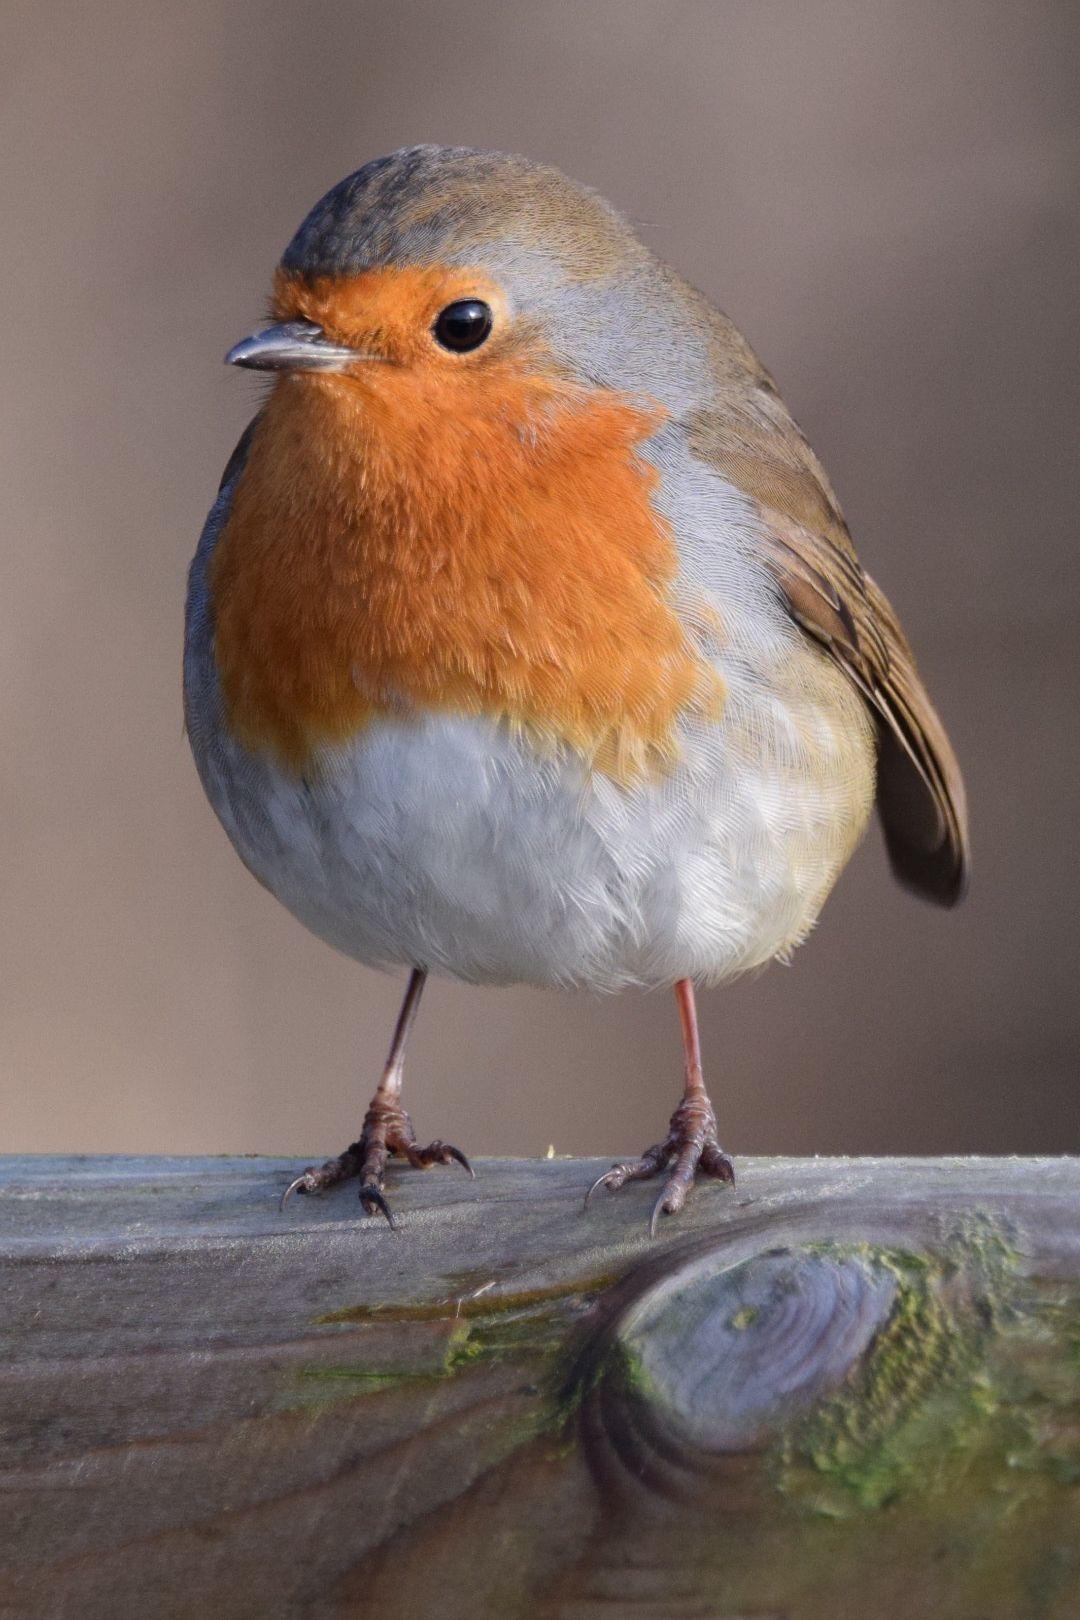 Bon Absolument Gratuit Rouge Gorge Oiseau Style Artiste Aux Multiples Facettes Marie Chl Rouge Gorge Oiseaux Aquatiques Oiseaux